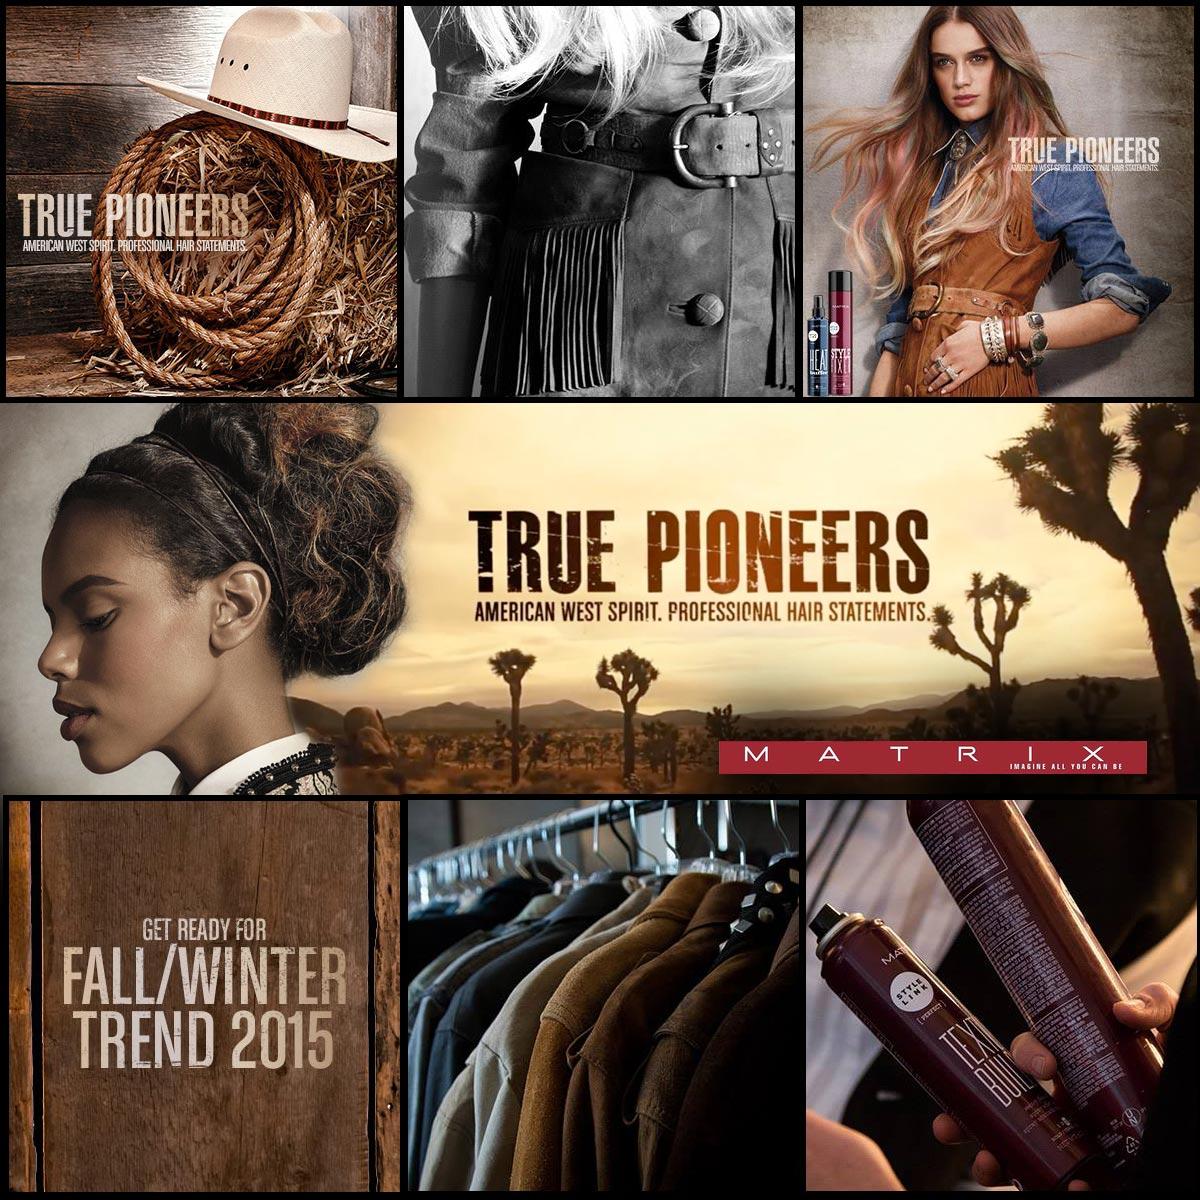 Matrix True Pioneers – podzim/zima 2015: přírodní inspirace, rustikální efekty a detaily zahalené tajemstvím. Pojďte objevit kouzlo nové kolekce účesů Matrix.